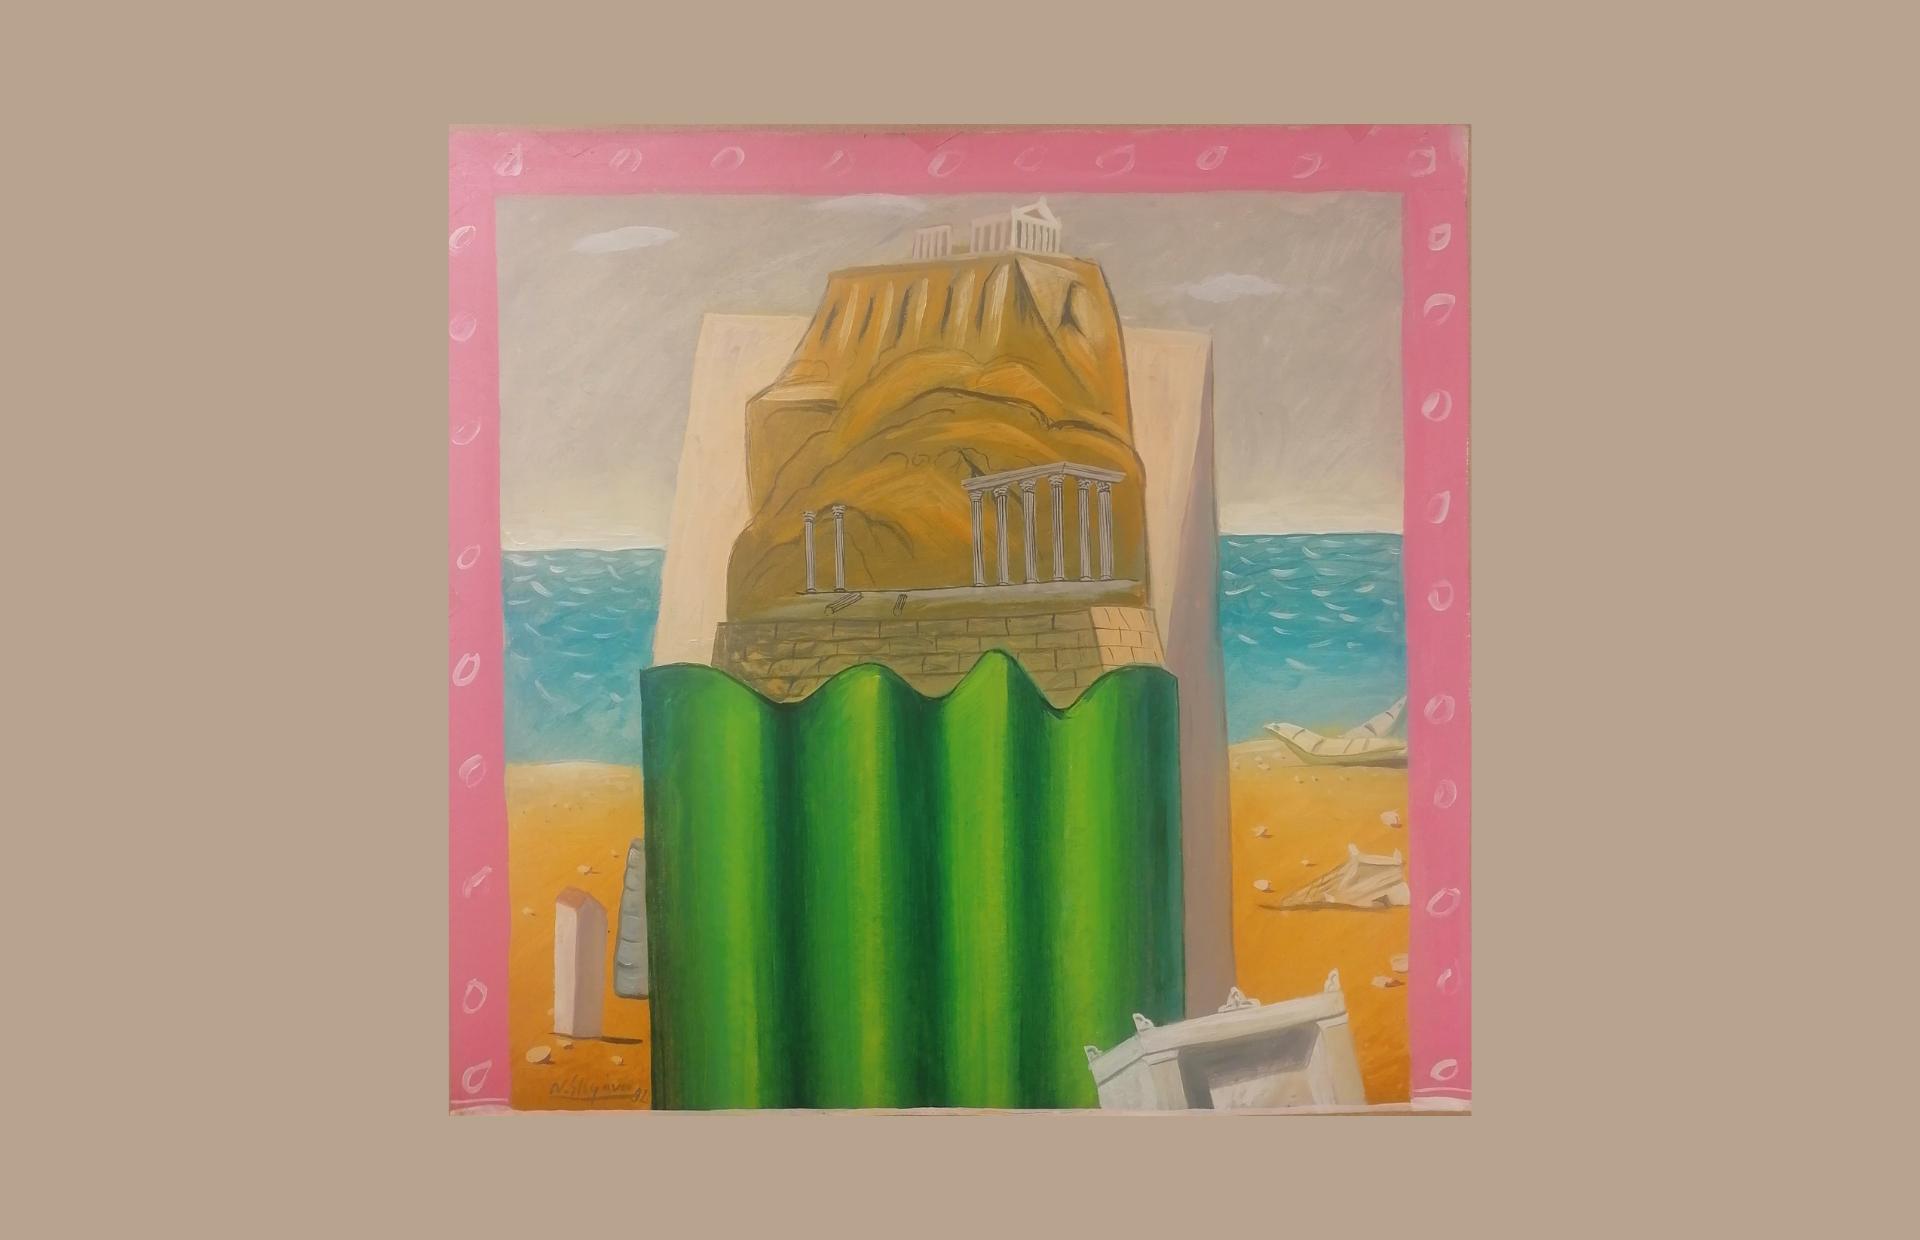 """""""Ακατοίκητα σπίτια"""", εικαστική έκθεση του Νίκου Στεφάνου στην Γκαλερί Έρση"""